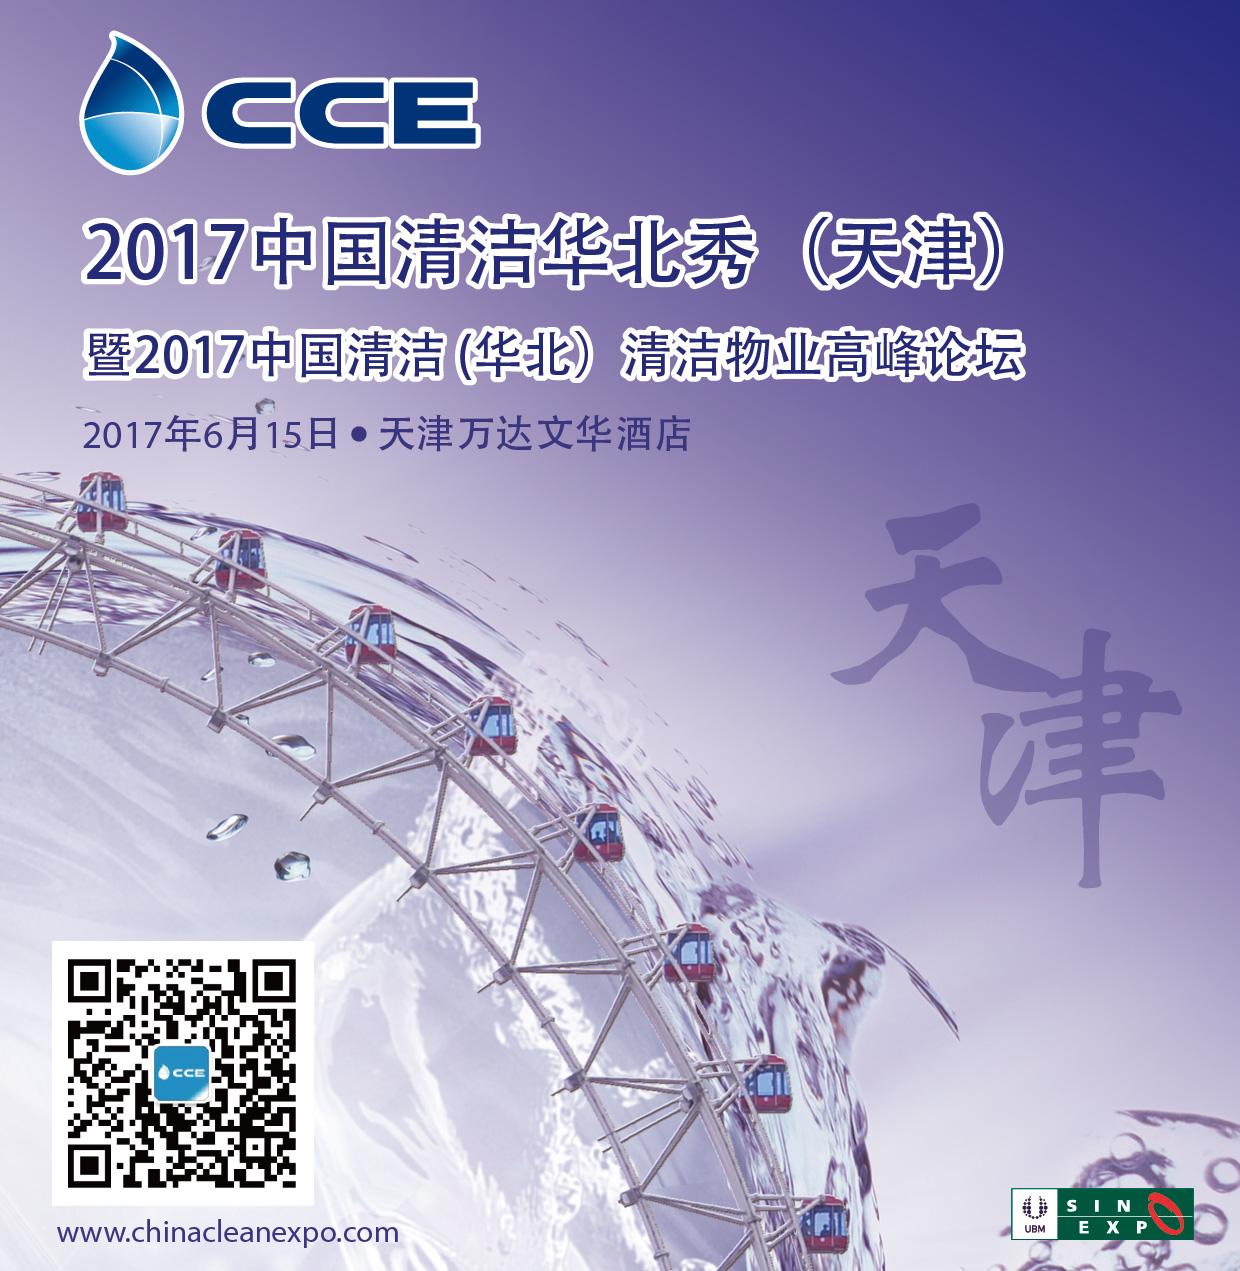 2017中国清洁华北秀(天津)将于6月15日盛大开幕